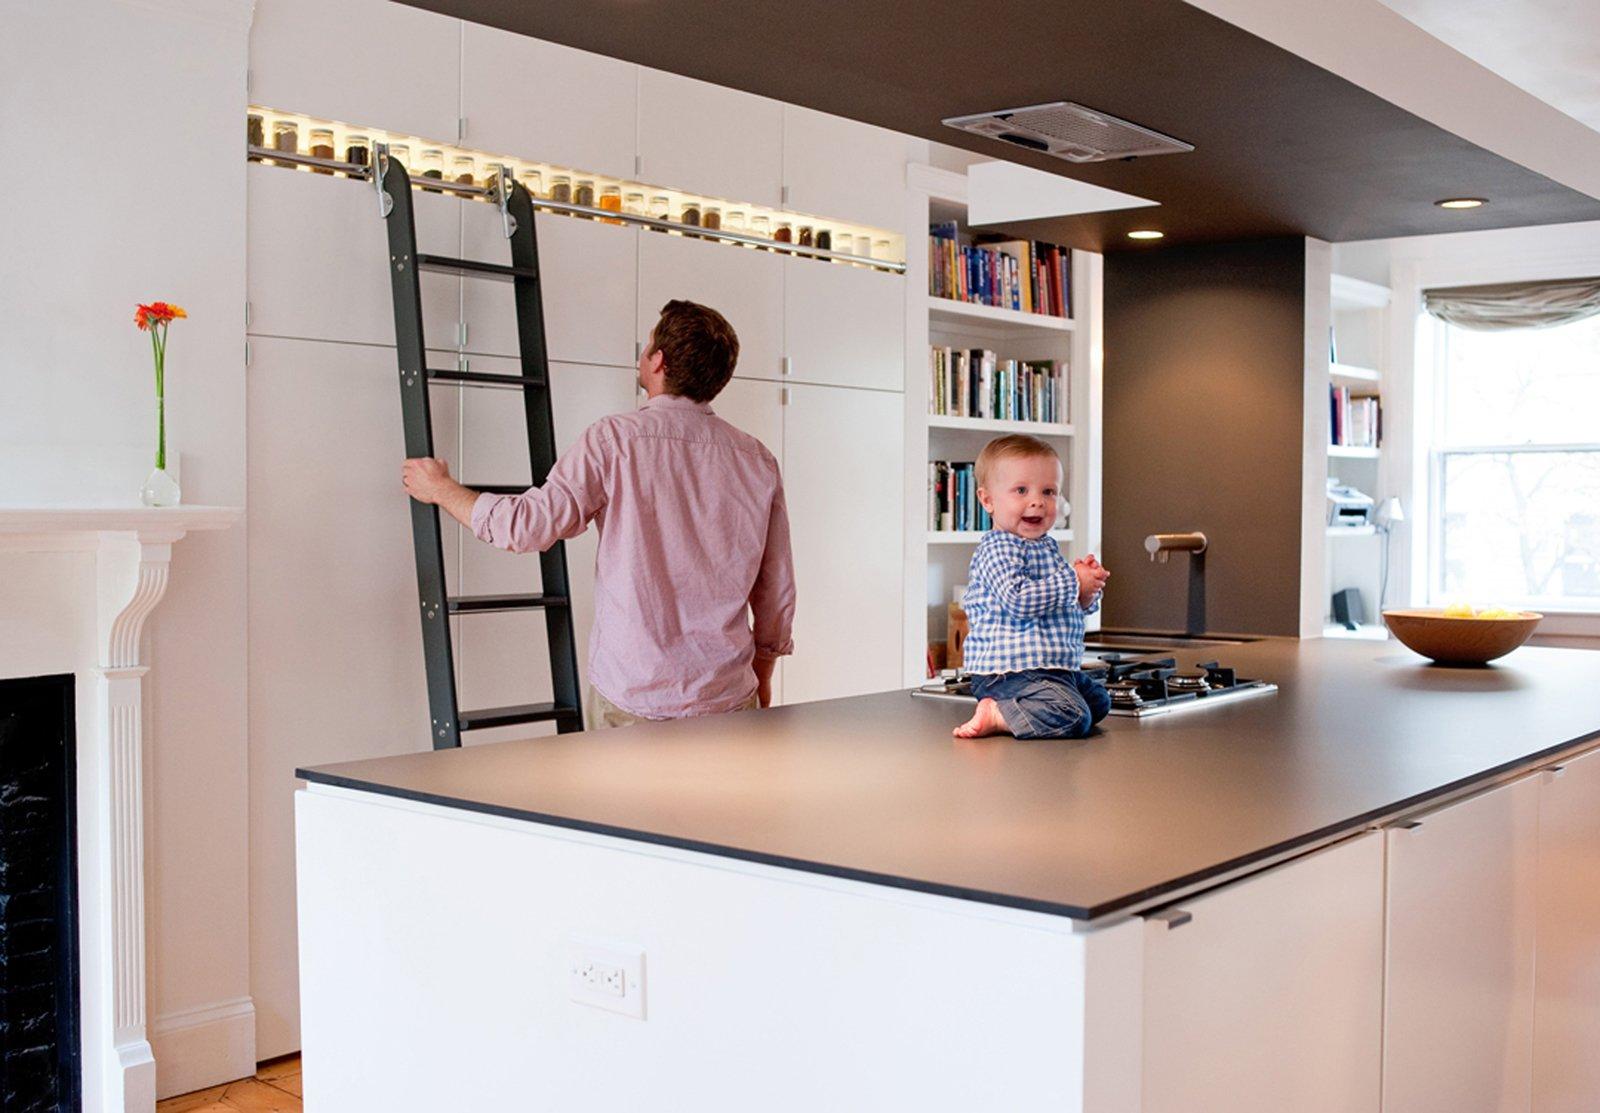 Подобный вариант хранения специй на кухне является также оригинальным декором современного интерьера